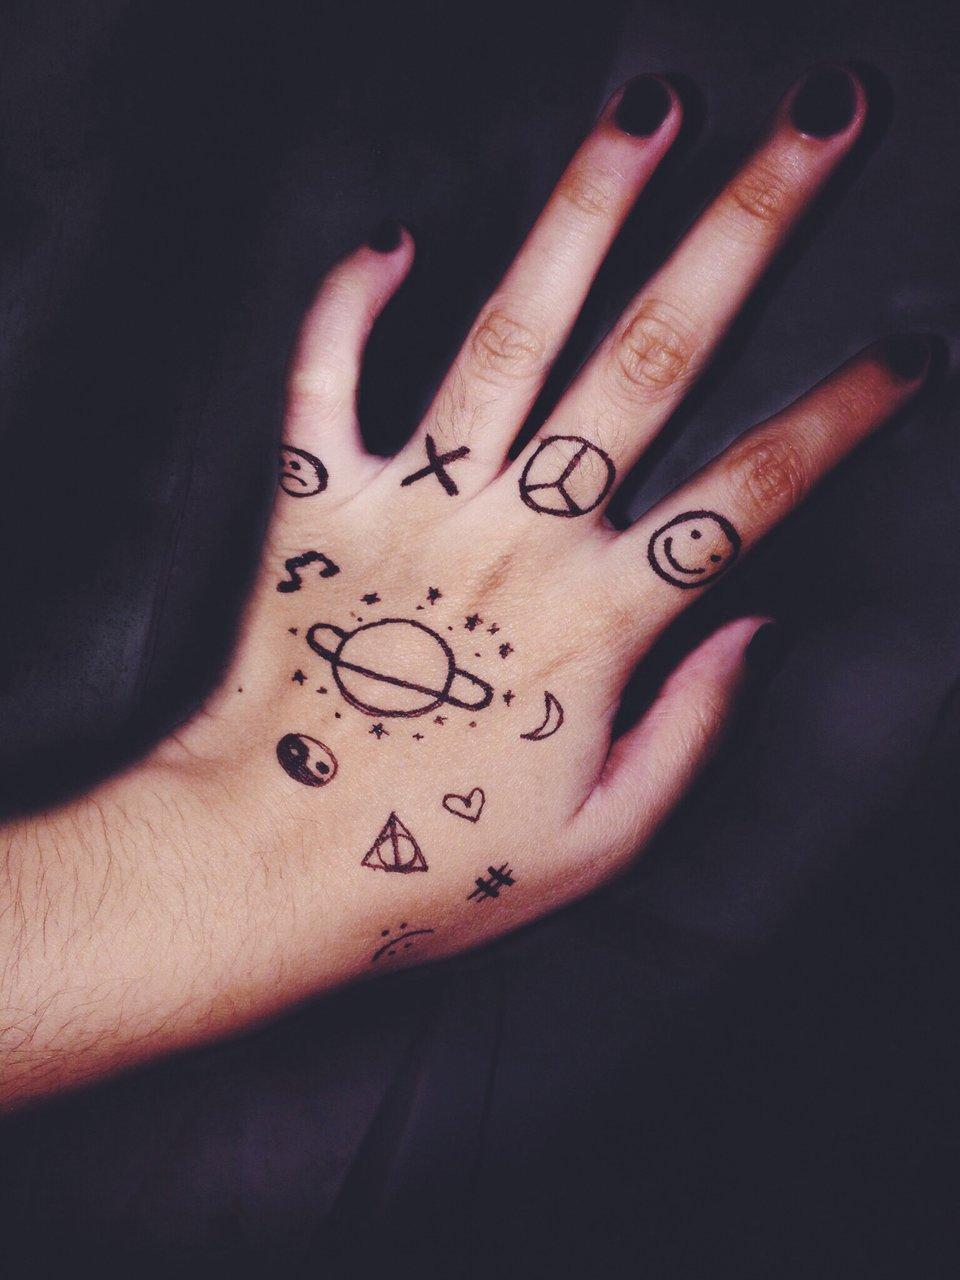 Красивые картинки на руке ручкой легко и красиво для девочек